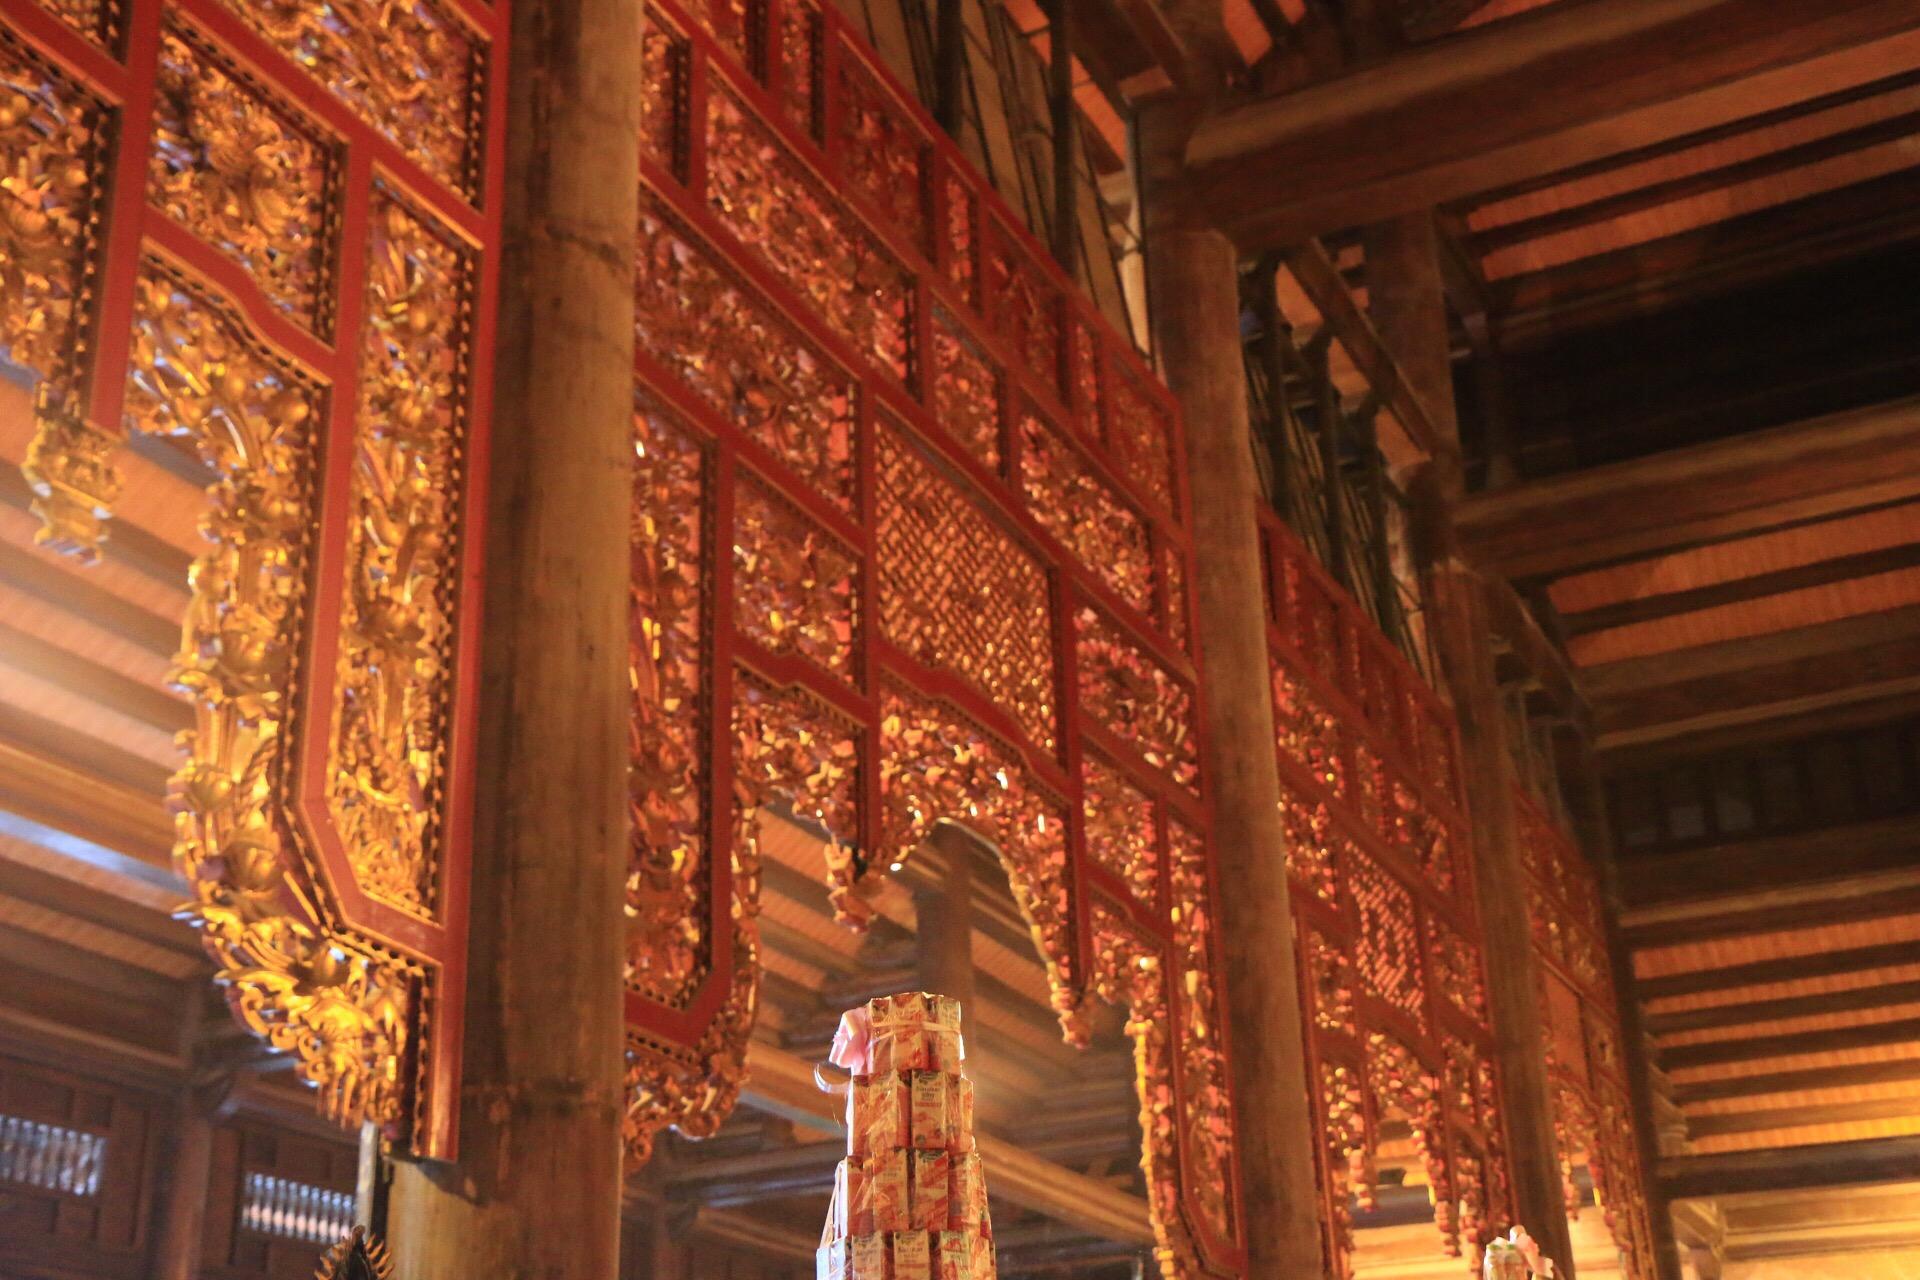 Verzierungen an der Decke des Tempels.